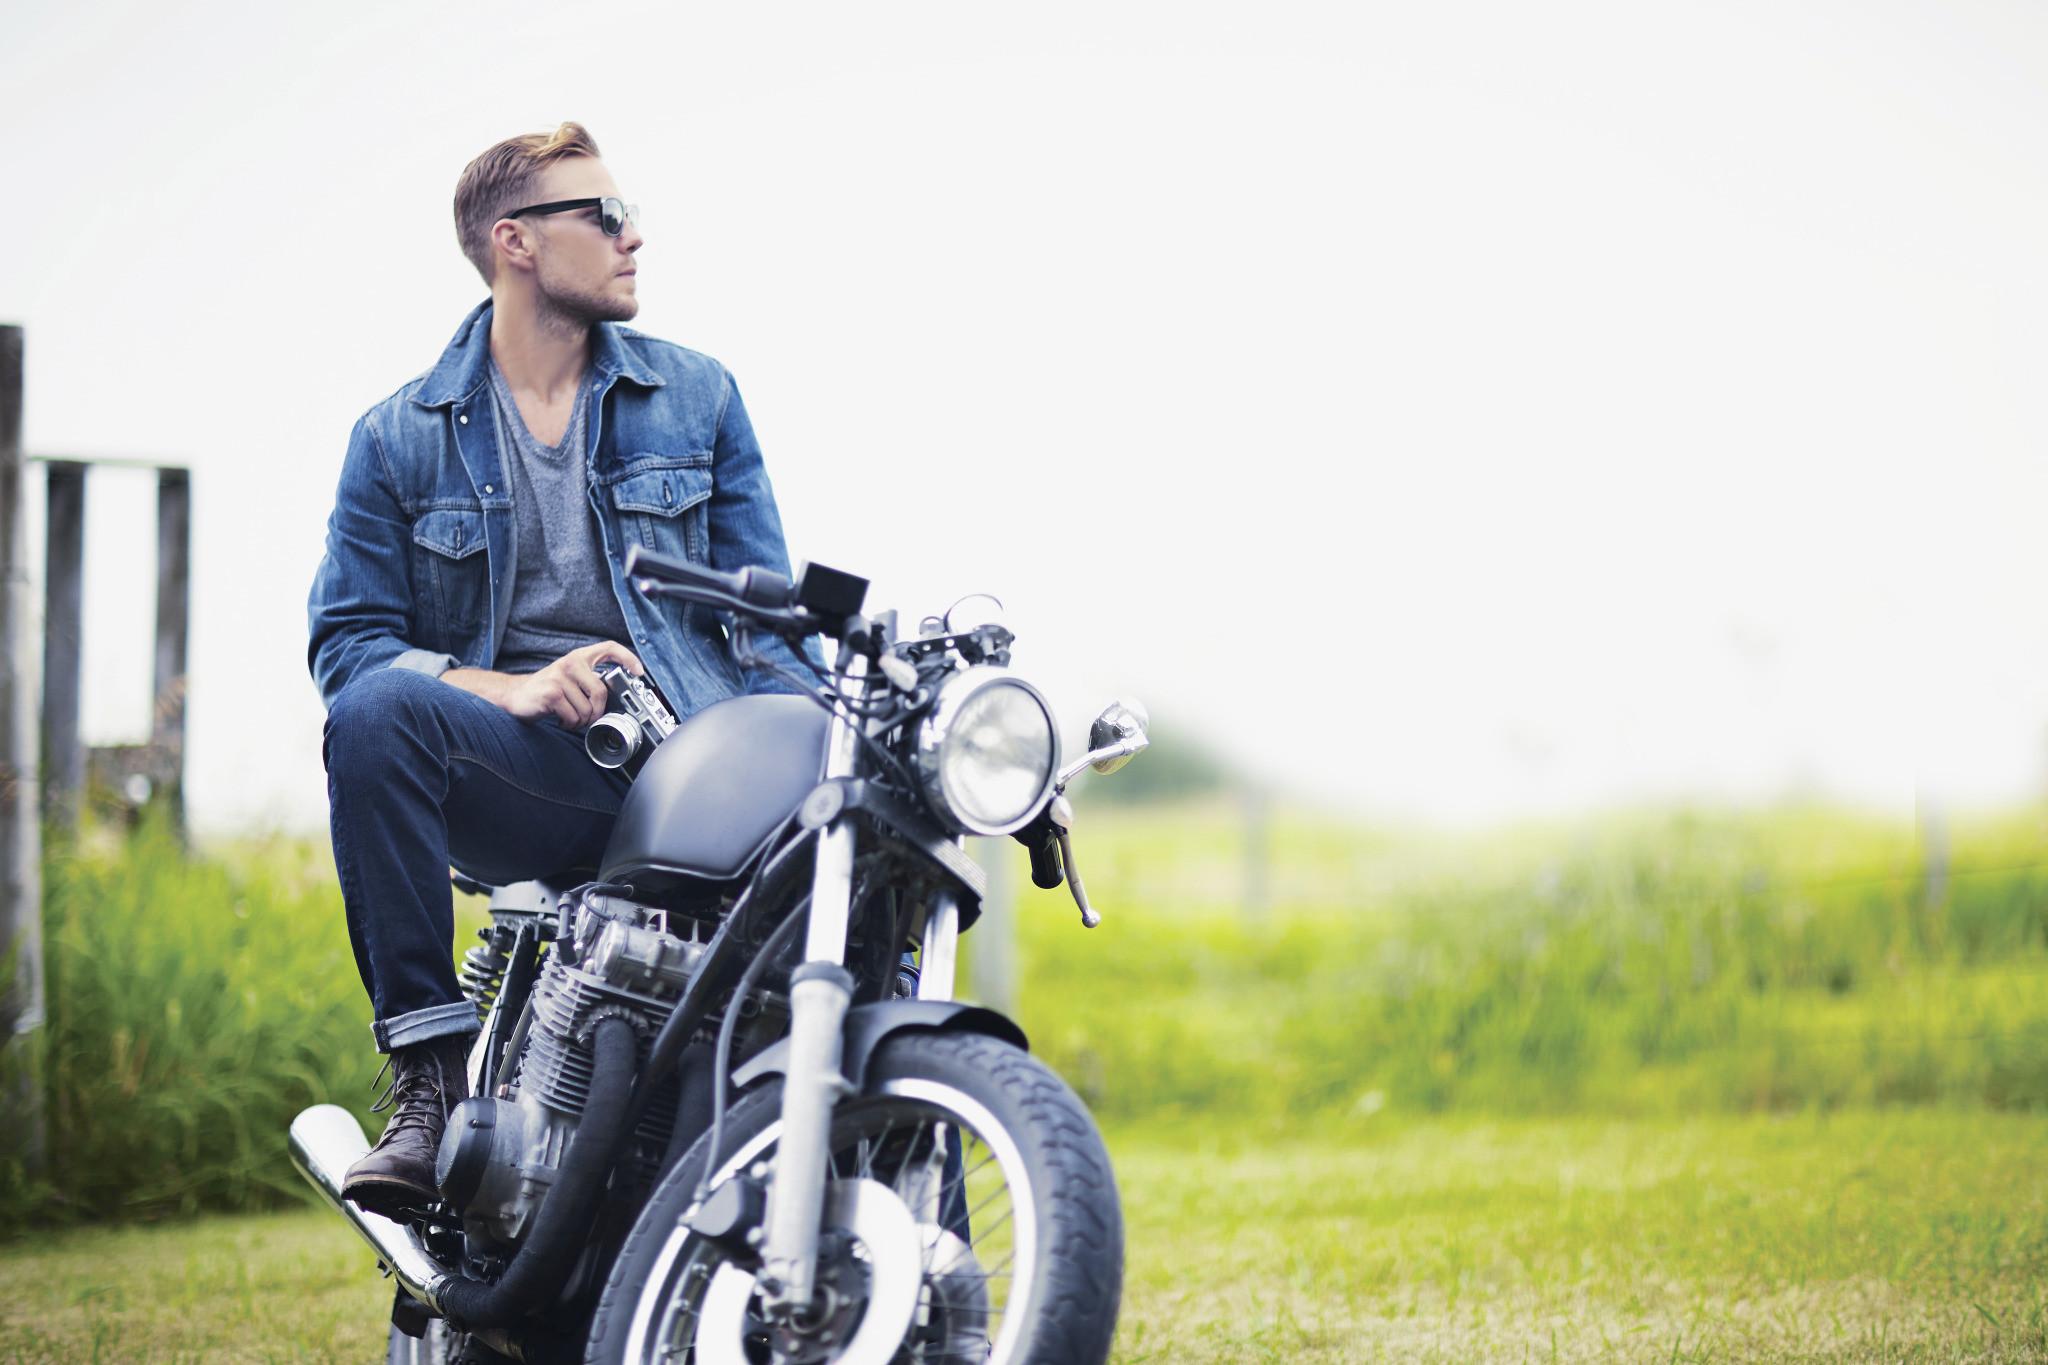 Motorcykler og tilbehør